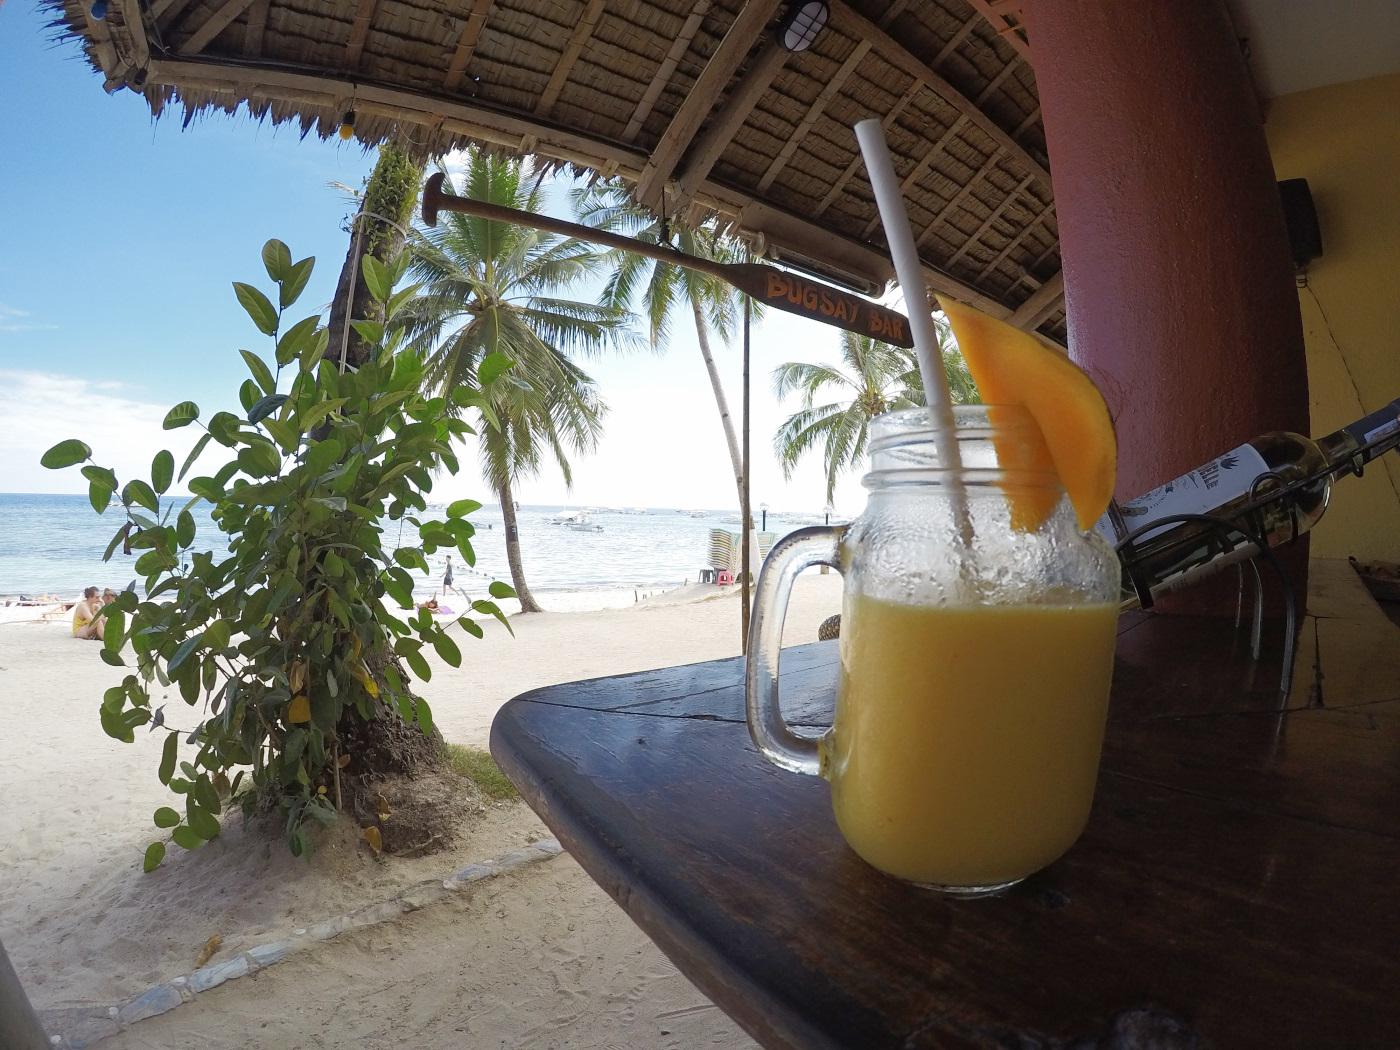 ボホール島のアロナビーチで飲マンゴーシェイク